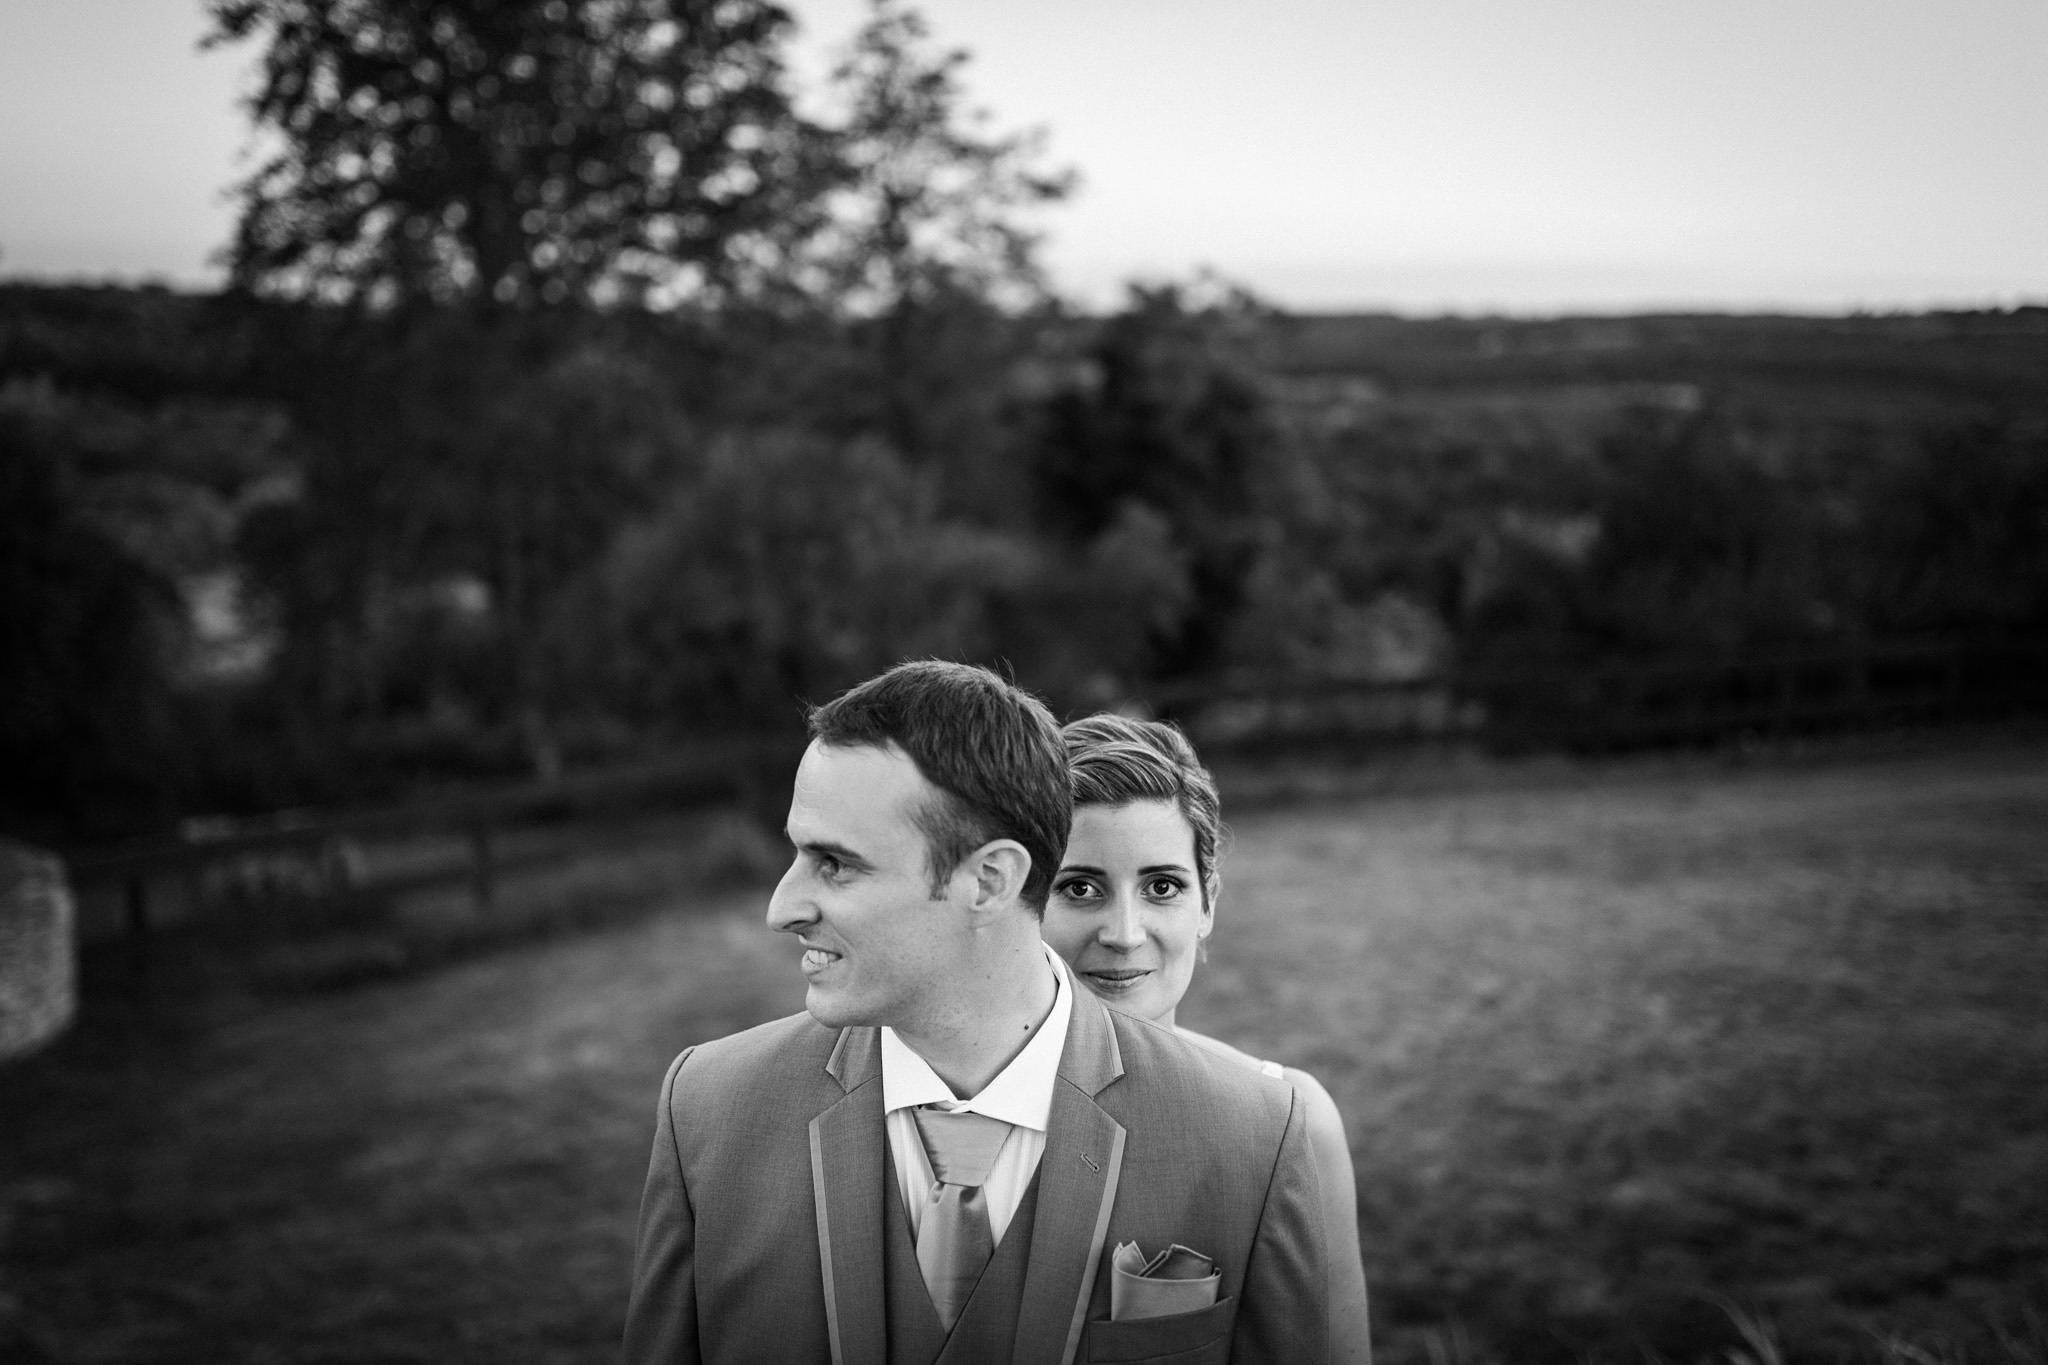 Le mariage au Chateau d'Auros de Mario et Jérémy, entre France et Californie où ils vivent. Jeux, photobooth et bonne humeur au programme !